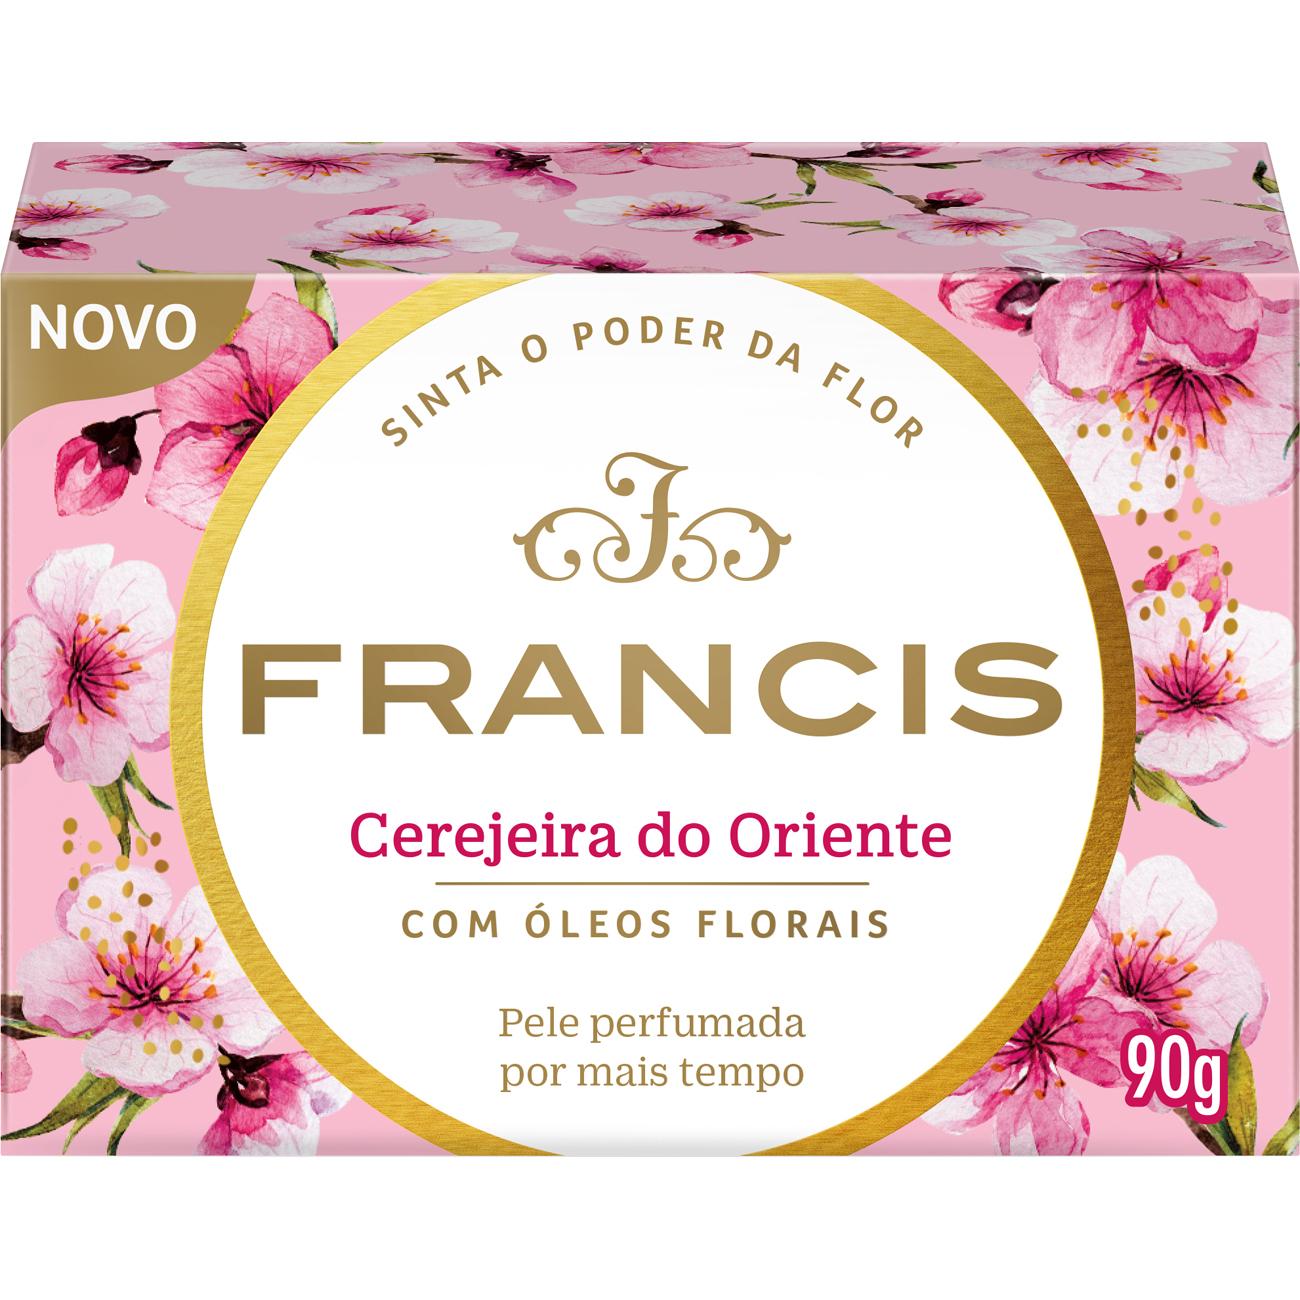 Sabonete FRANCIS CLASSICO 90G ROSA CEREJEIRA